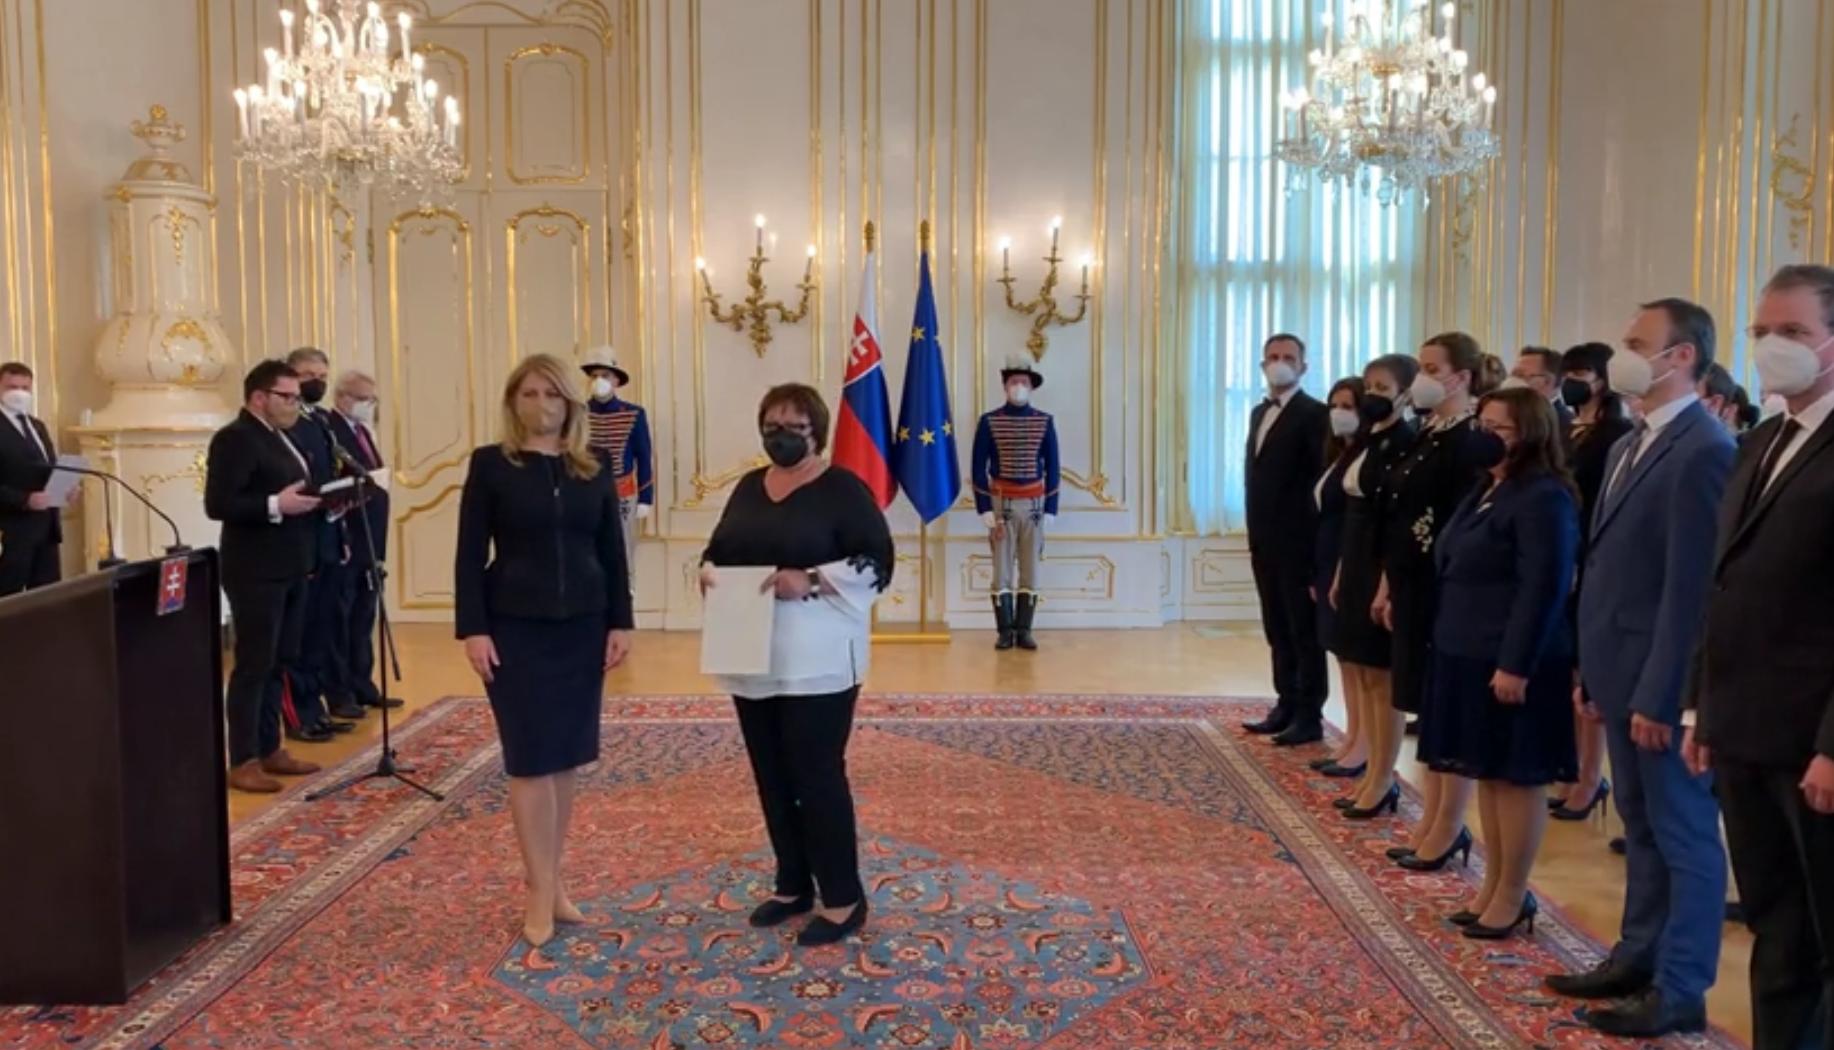 Doc. PhDr. Eva Mydlíková, PhD. slávnostne prevzala profesorský dekrét v Prezidentskom paláci